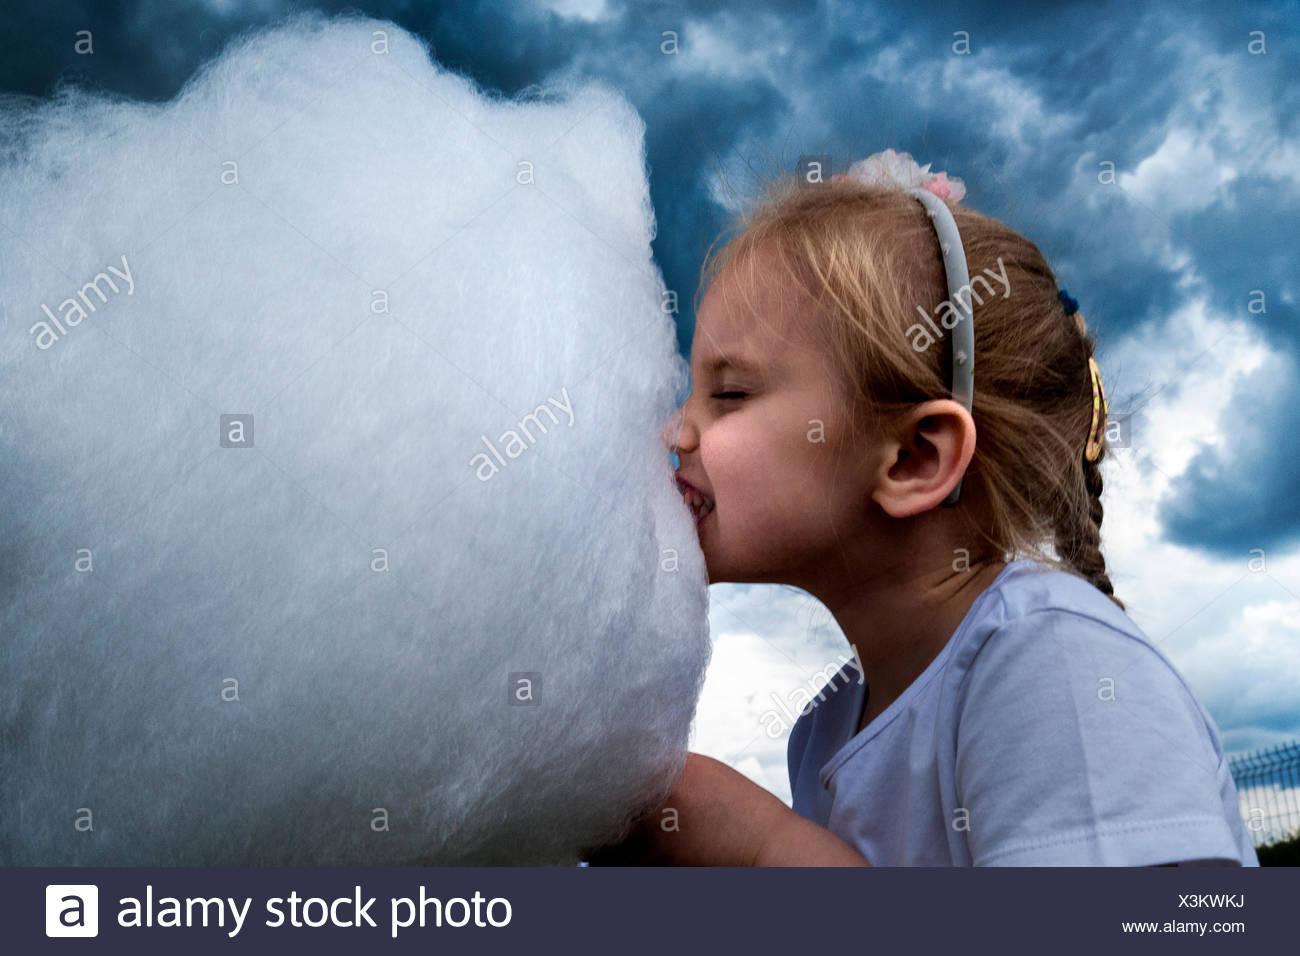 Kleine Mädchen essen Zuckerwatte mit dramatischer Himmel hinter ihr Stockbild